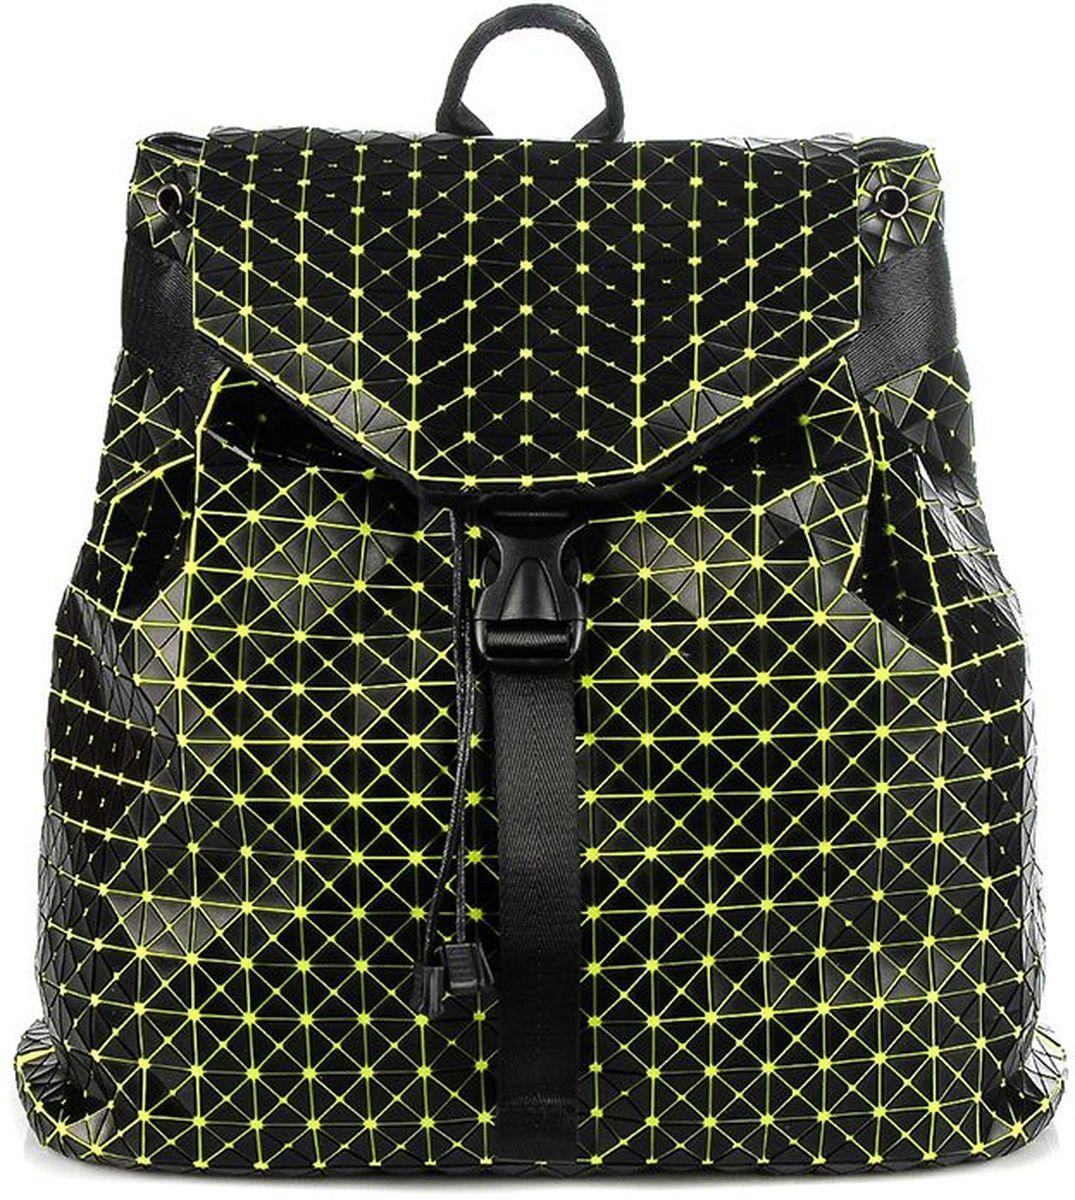 Рюкзак силиконовый Sabellino, цвет: зеленый. 0111016455_620111016455_62Легкий вместительный рюкзак, закрывается на крышку с застежкой, изделие затягивается, что позволит сделать его компактным или более вместительным. Внутри тканевый подклад, карман на молнии для документов, отделения для мелочи и мобильного телефона, уплотненное дно. Мягкие регулируемые лямки.